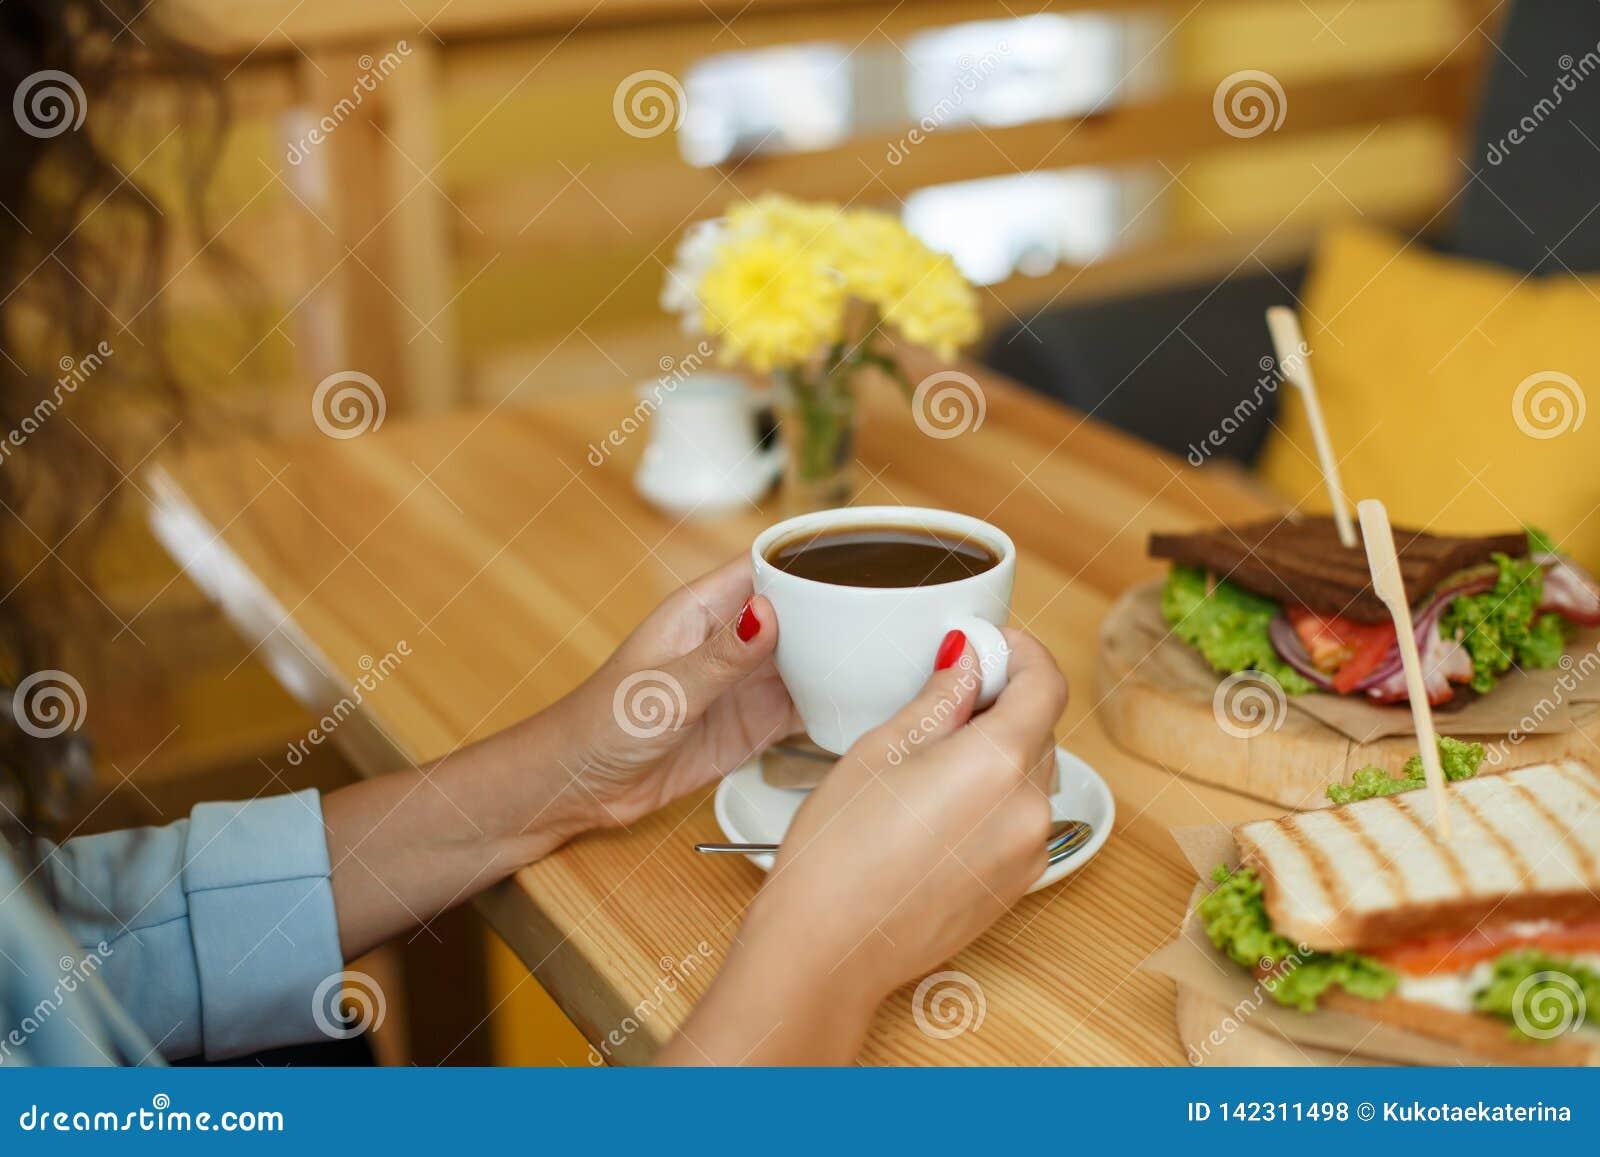 Prise de femme par tasse de café à la table en bois de backgroud, sur laquelle mensonges un sandwich